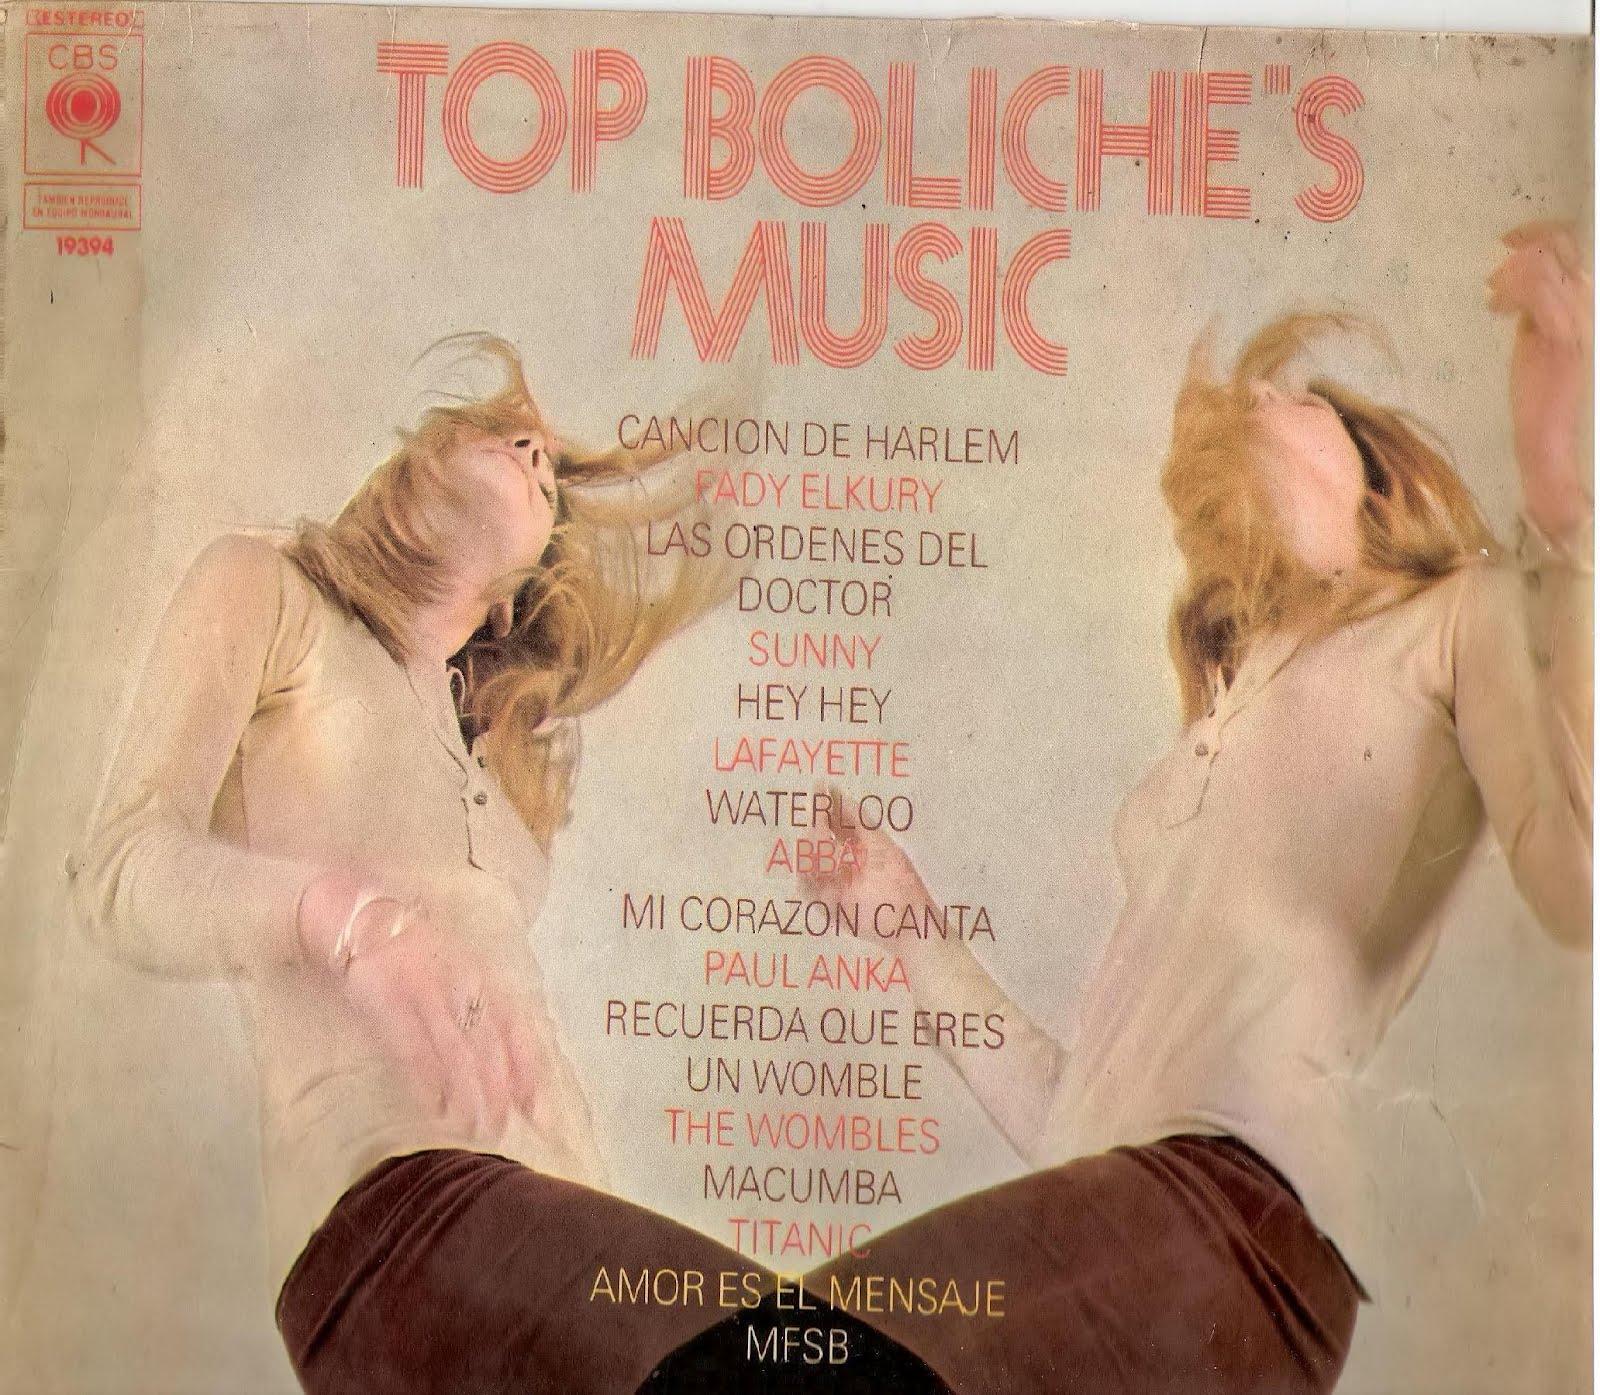 http://4.bp.blogspot.com/-xrUlNXX5ozo/UFNHpjFQUlI/AAAAAAAAARo/tNw8I3UjAZA/s1600/Top%2Bboliches%2Bmusic.jpg